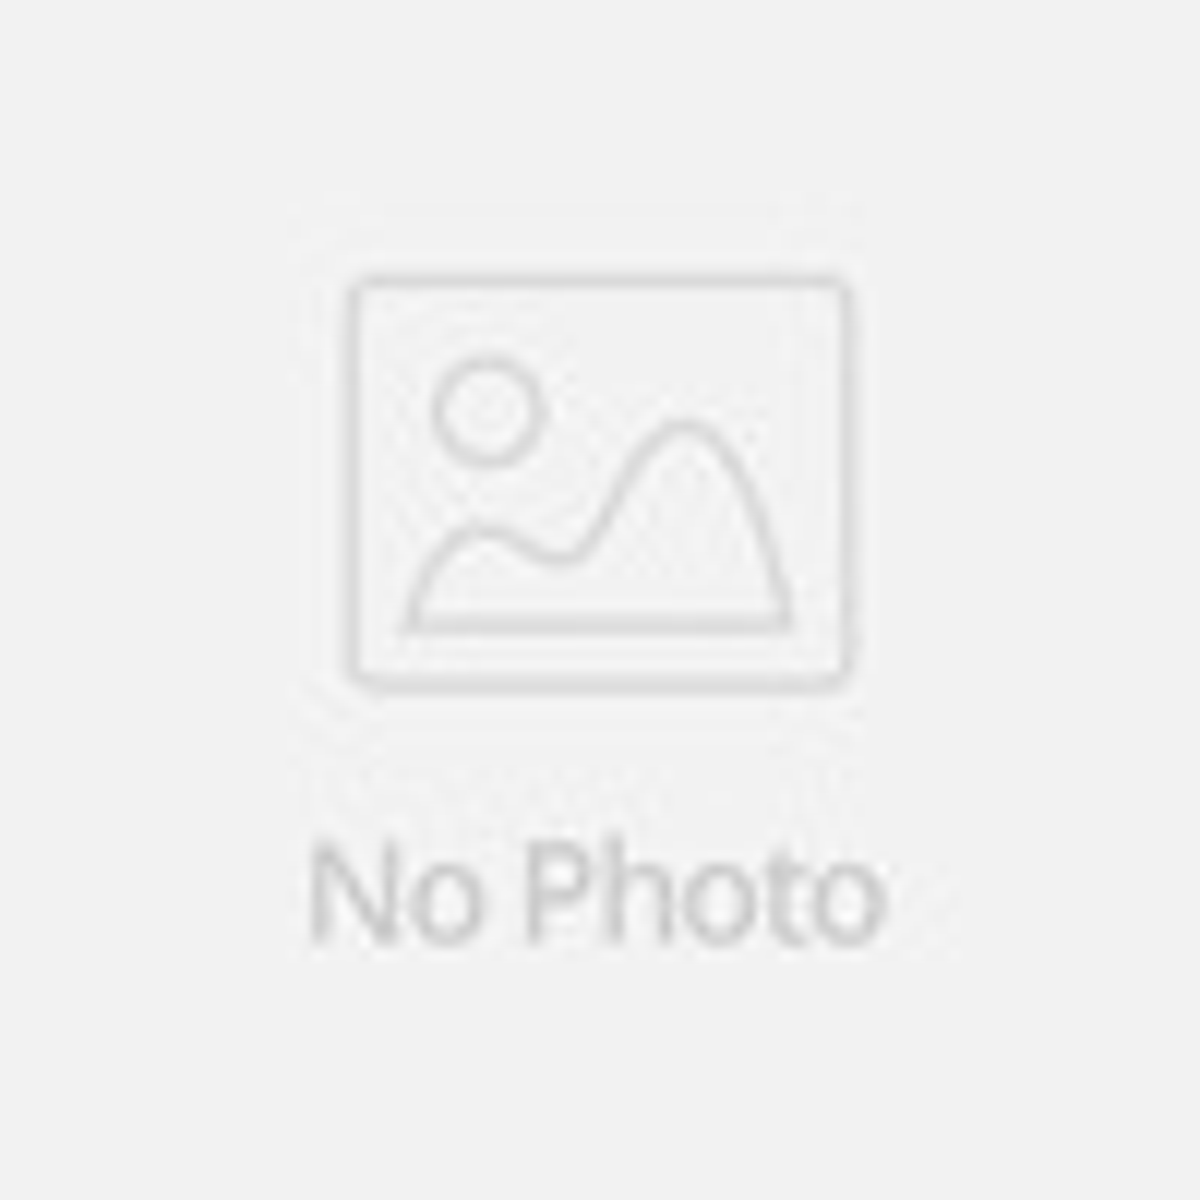 Kleiderschrank Ikea Birkeland ~ beleuchtung wohnzimmer berechnen  Wohnzimmer kristall lampe kreis